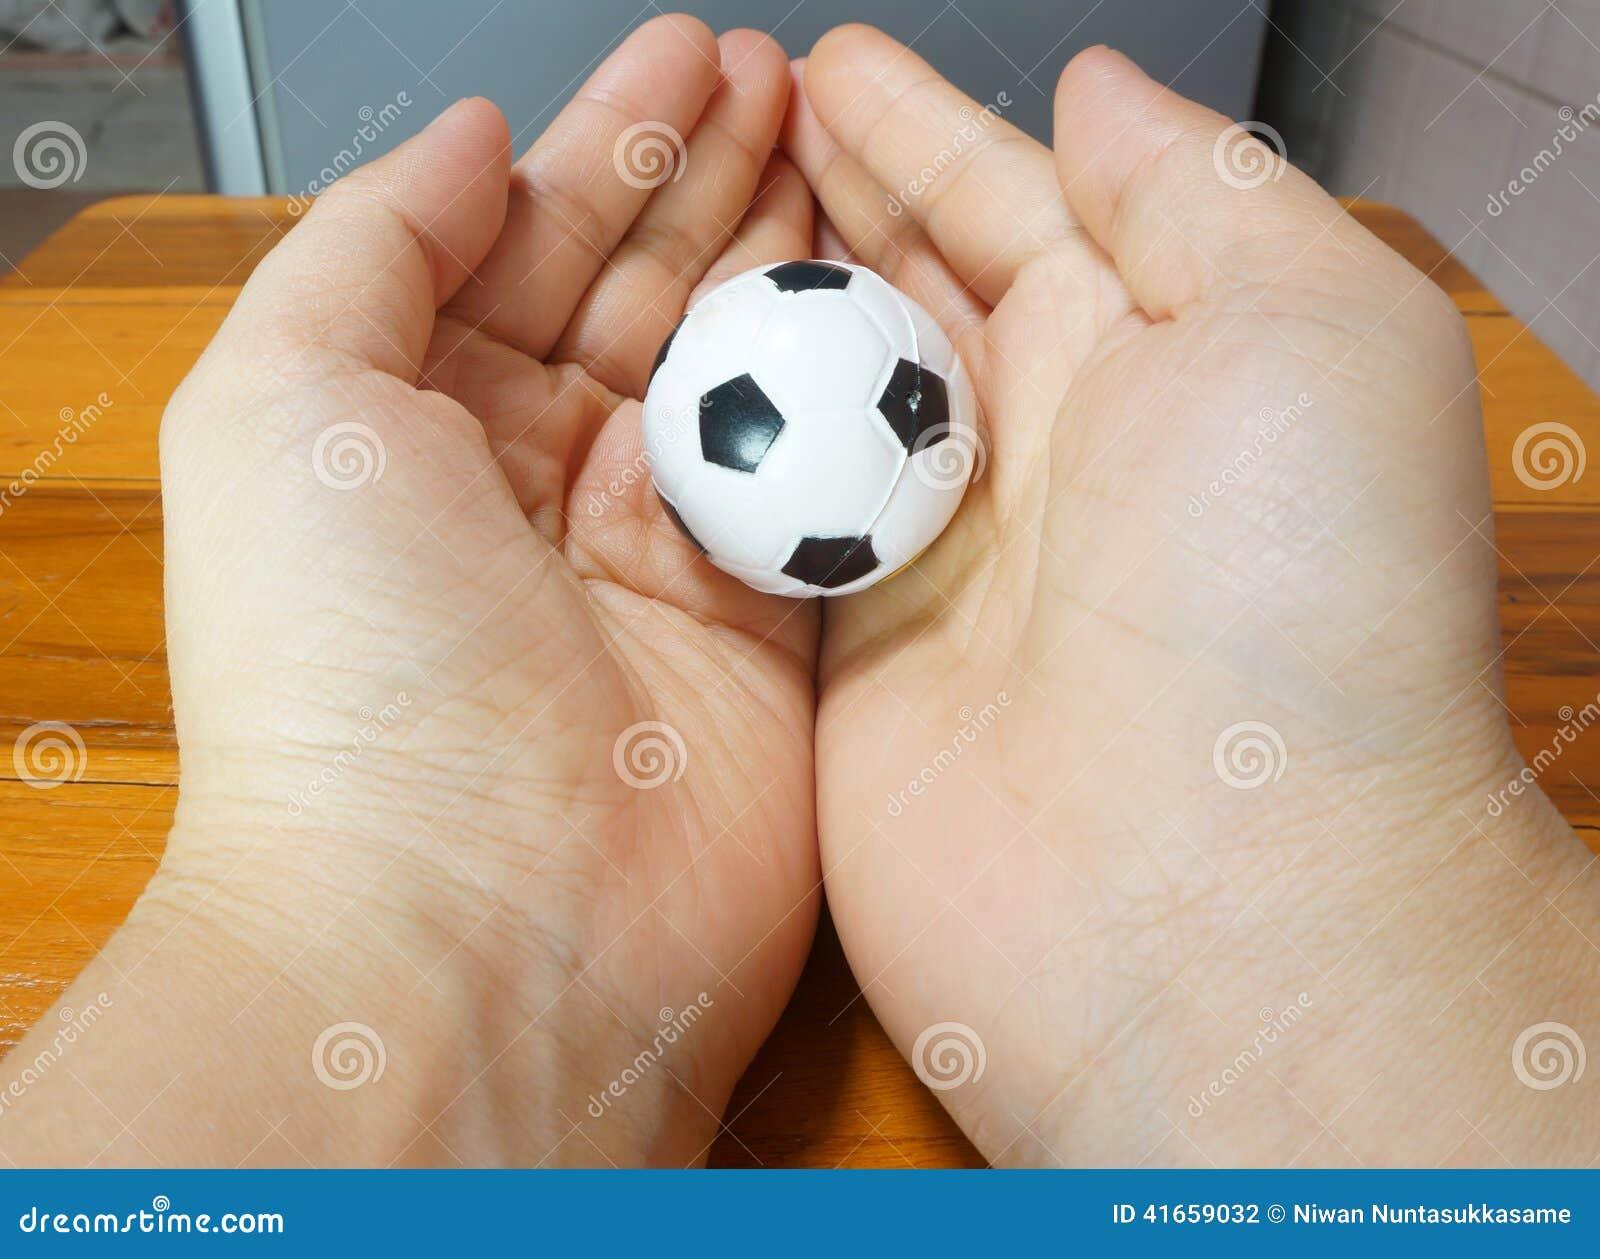 Малый футбольный мяч в обоих рука